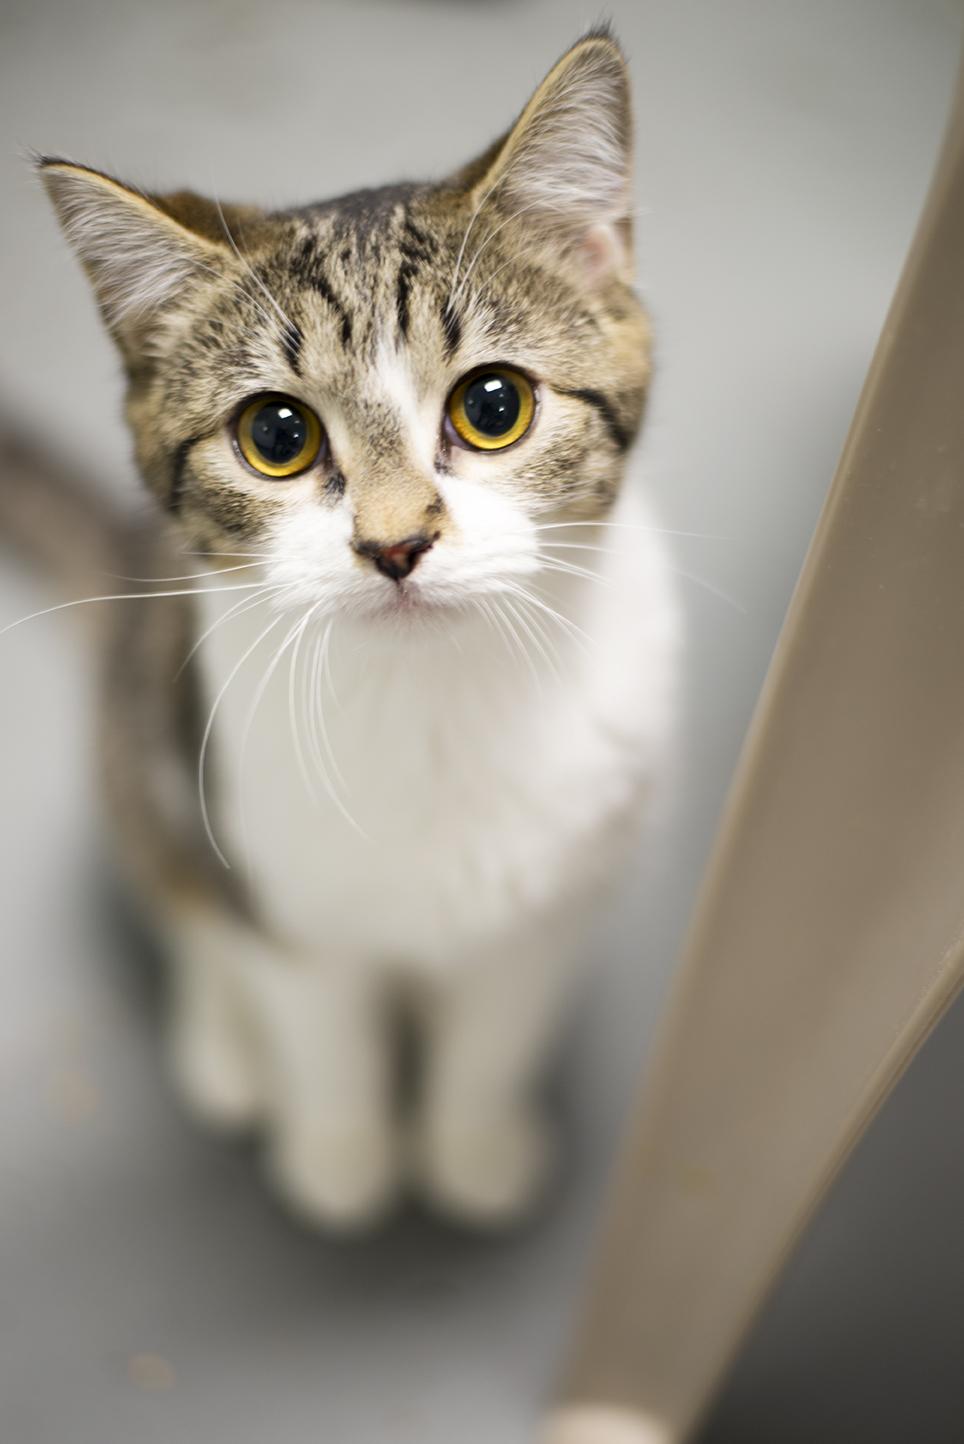 furkids-kittie-01-web.jpg